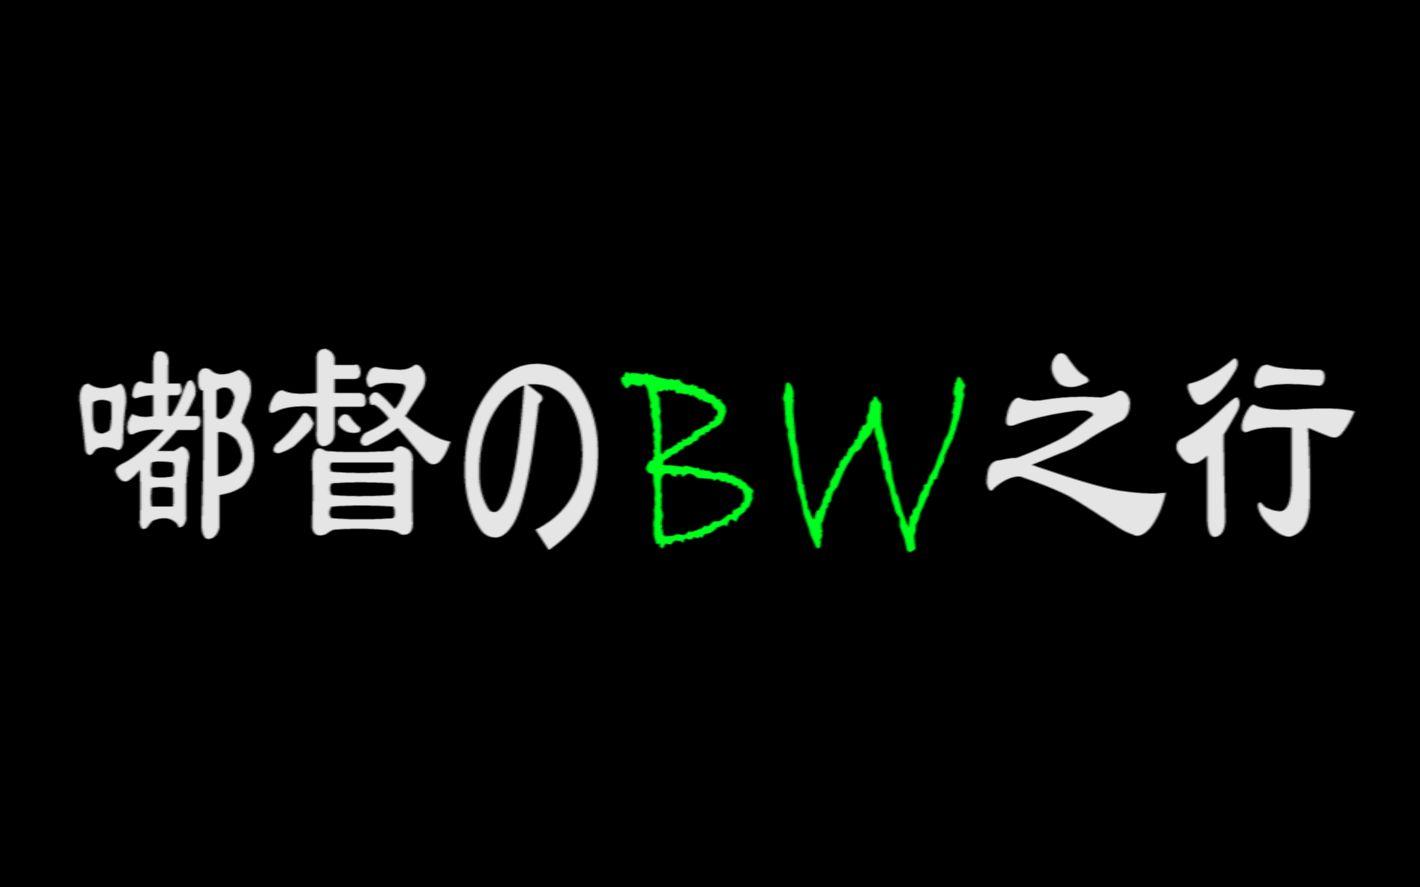 【嘟督】嘟督のBW之行